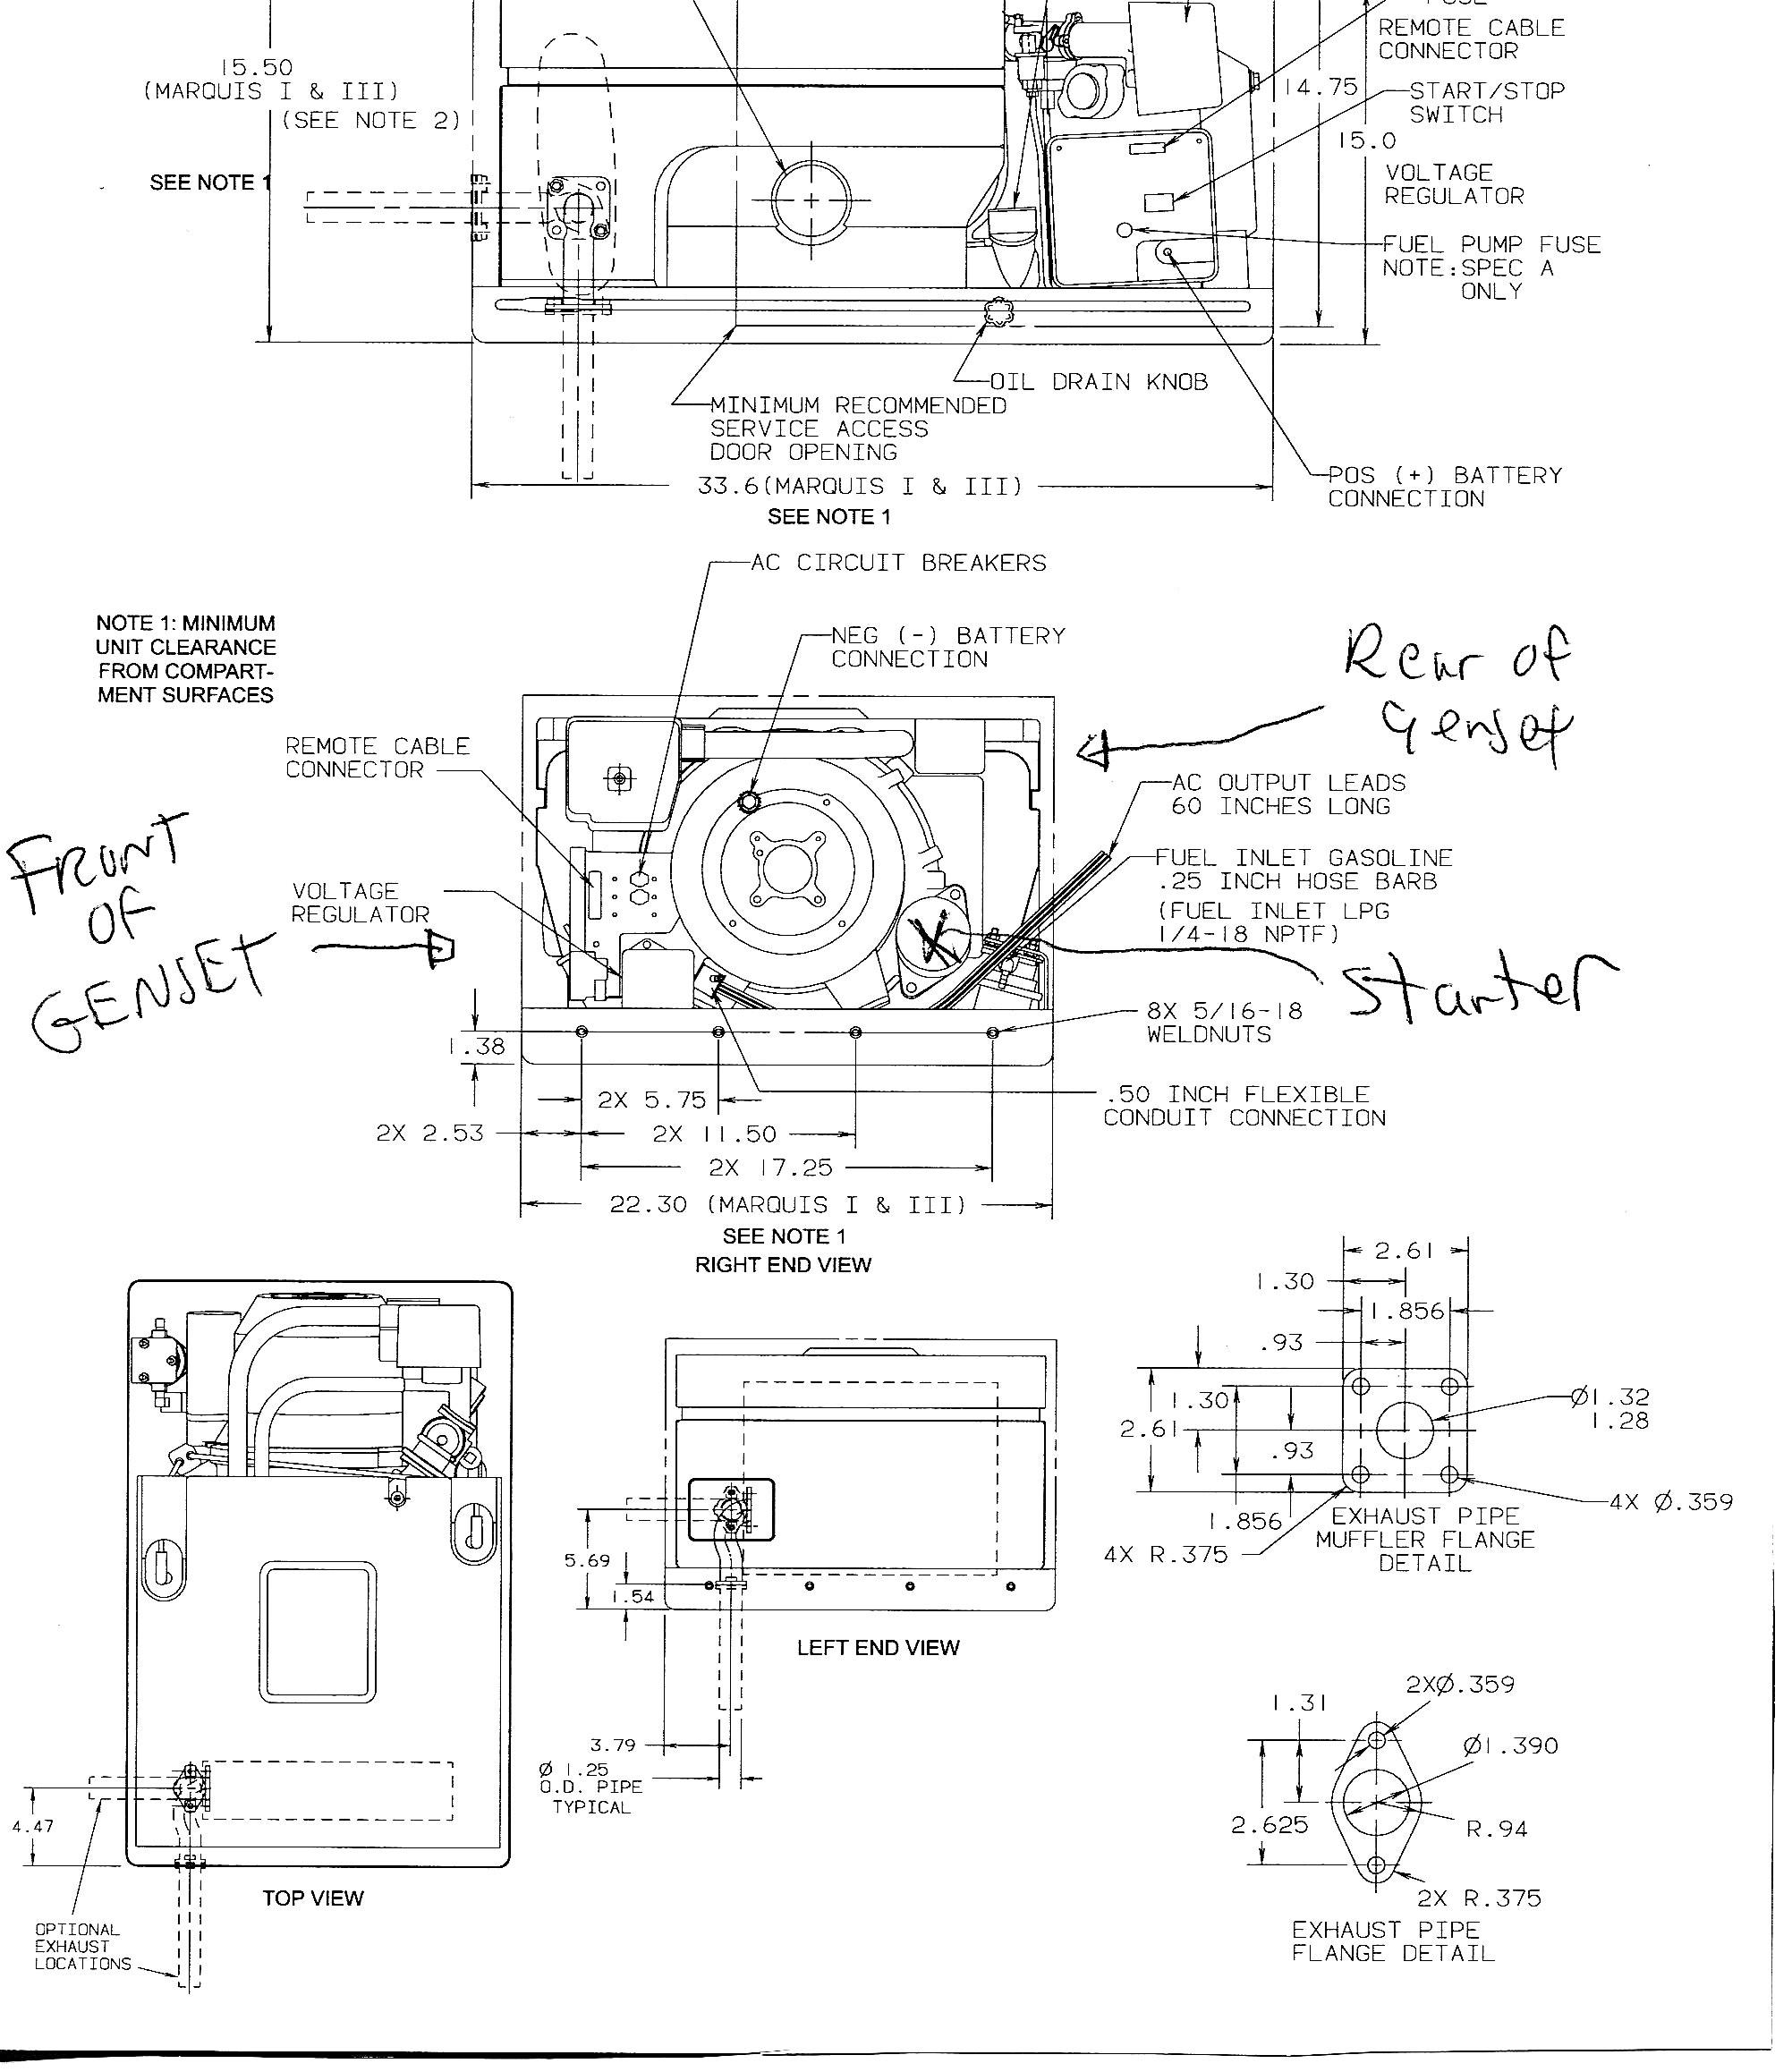 isolation transformer wiring diagram onan avr wiring diagramisolation transformer wiring diagram onan avr amp gauge wiringonan transformer wiring diagram wiring diagram libraries onan